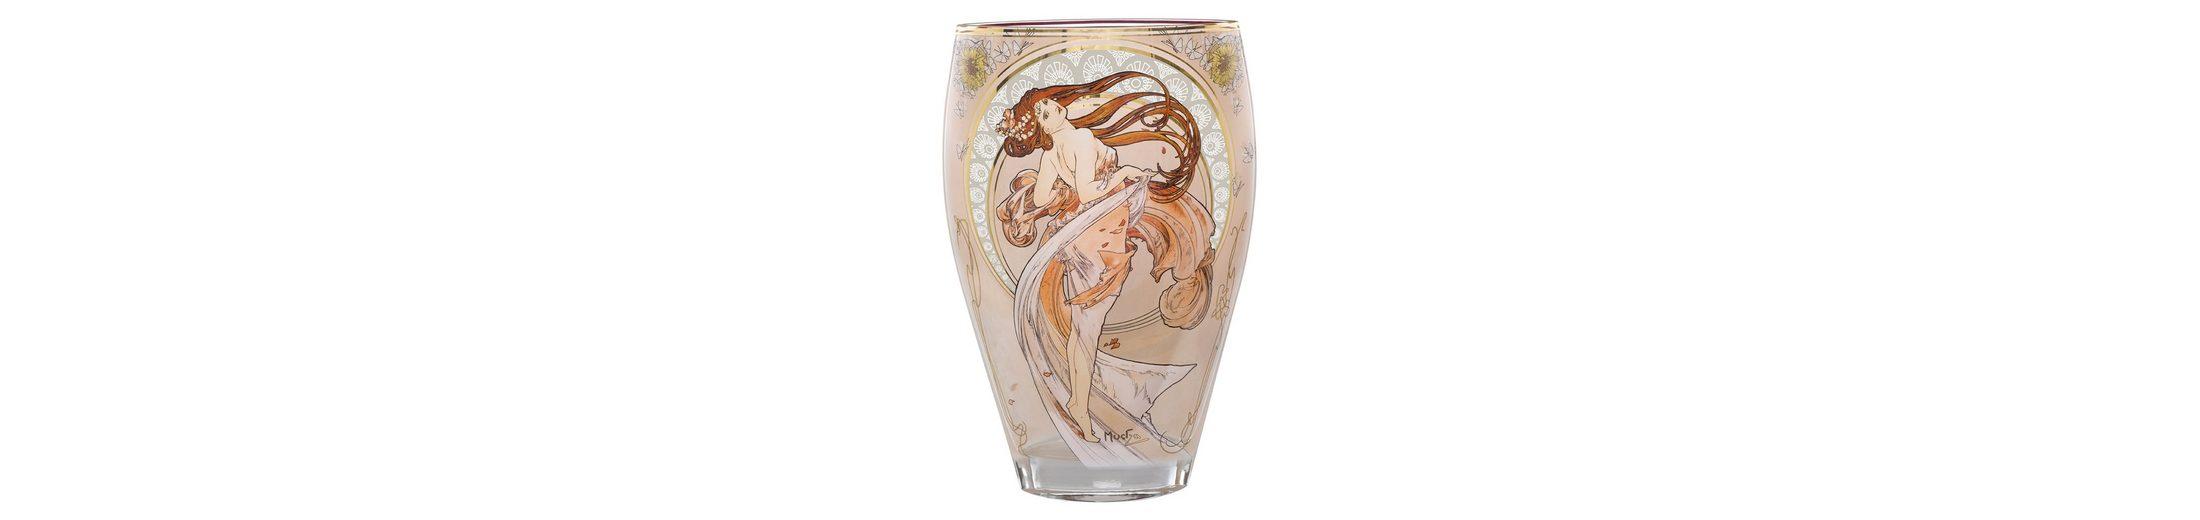 Goebel Der Tanz Vase »Artis Orbis«